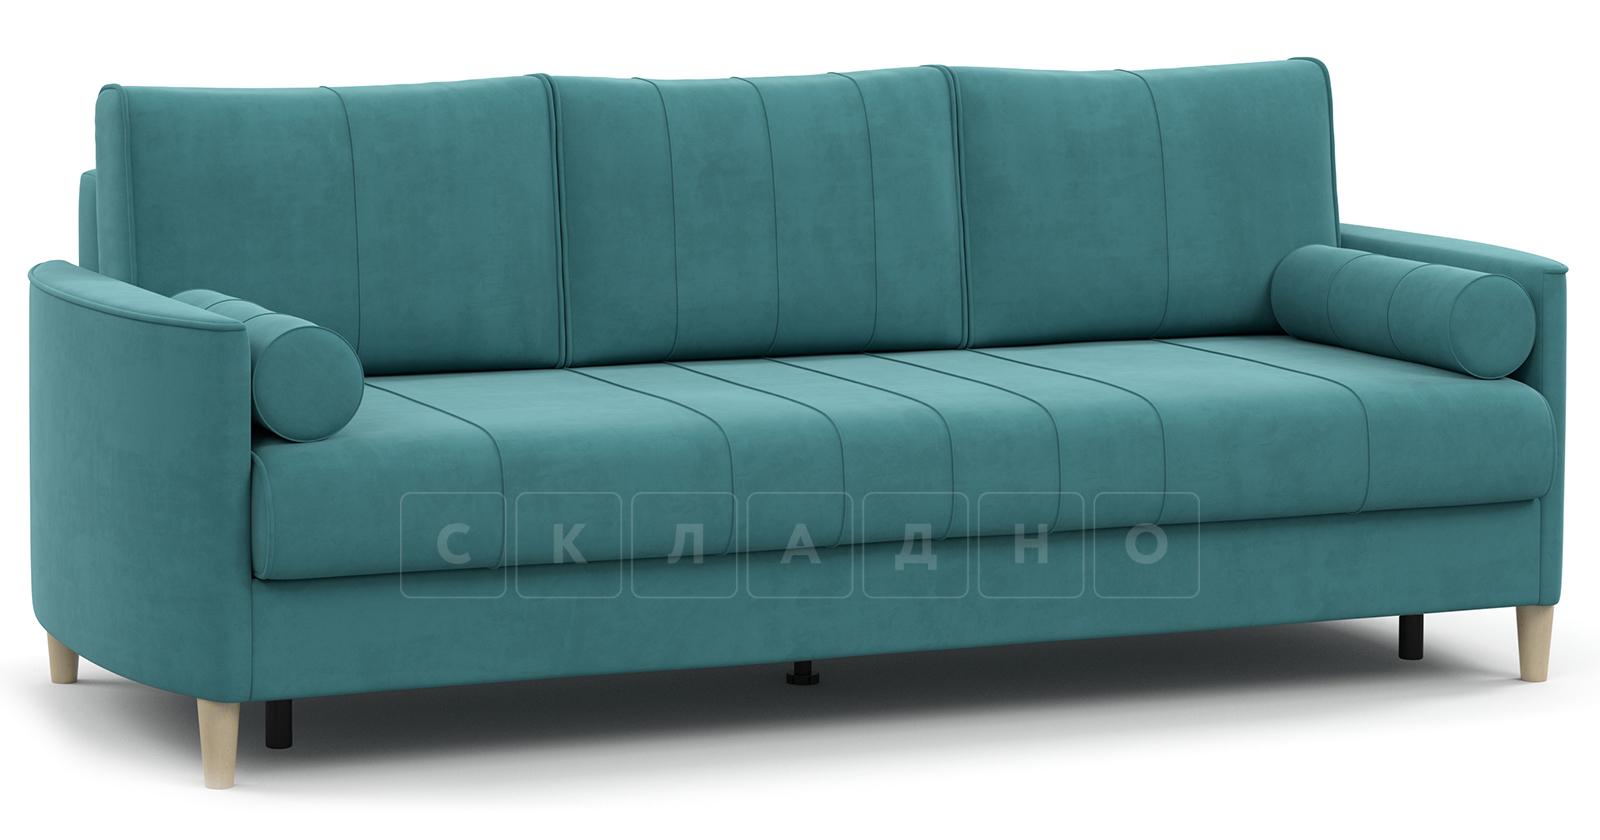 Диван-кровать Лорен бирюзовый фото 1 | интернет-магазин Складно